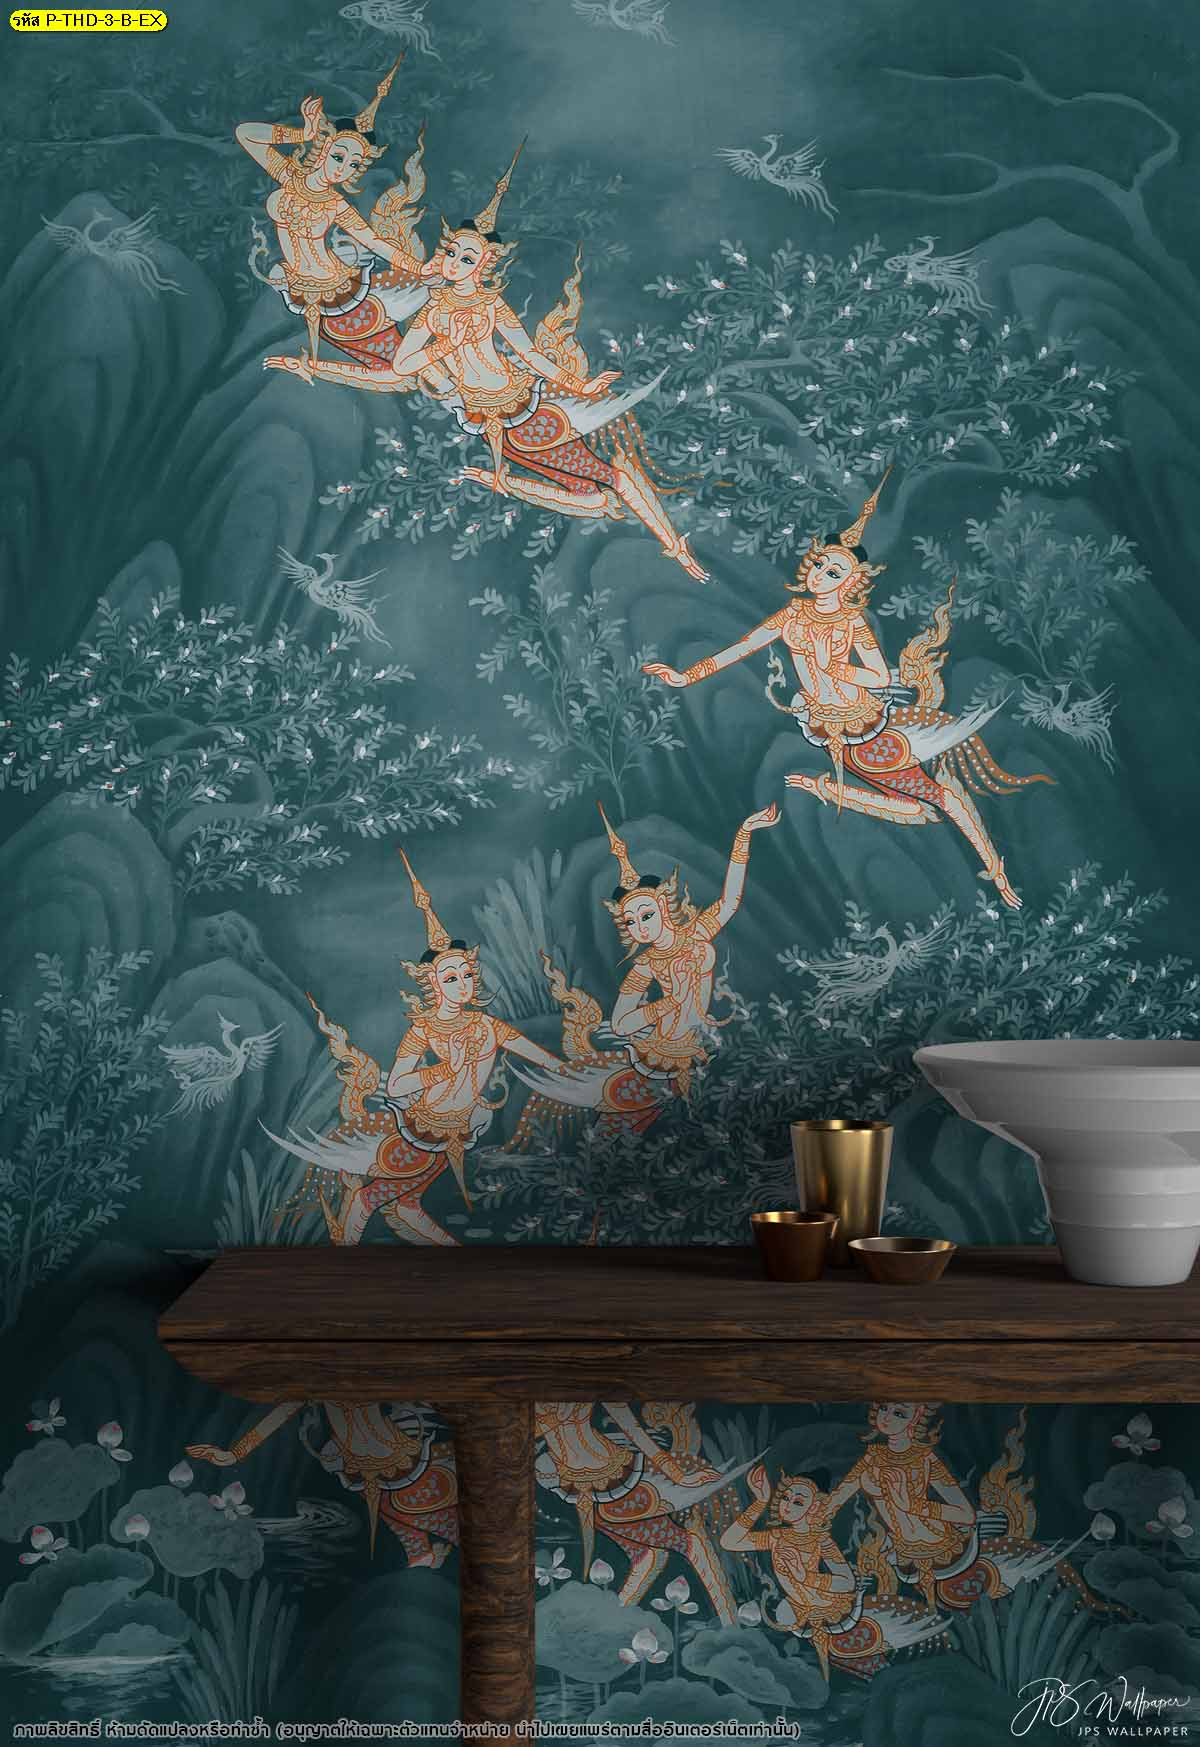 ออกแบบวอลเปเปอร์ติดผนัง แต่งผนังบ้านด้วยภาพจิตรกรรมไทย ภาพวาดฝาผนังเท่ๆ